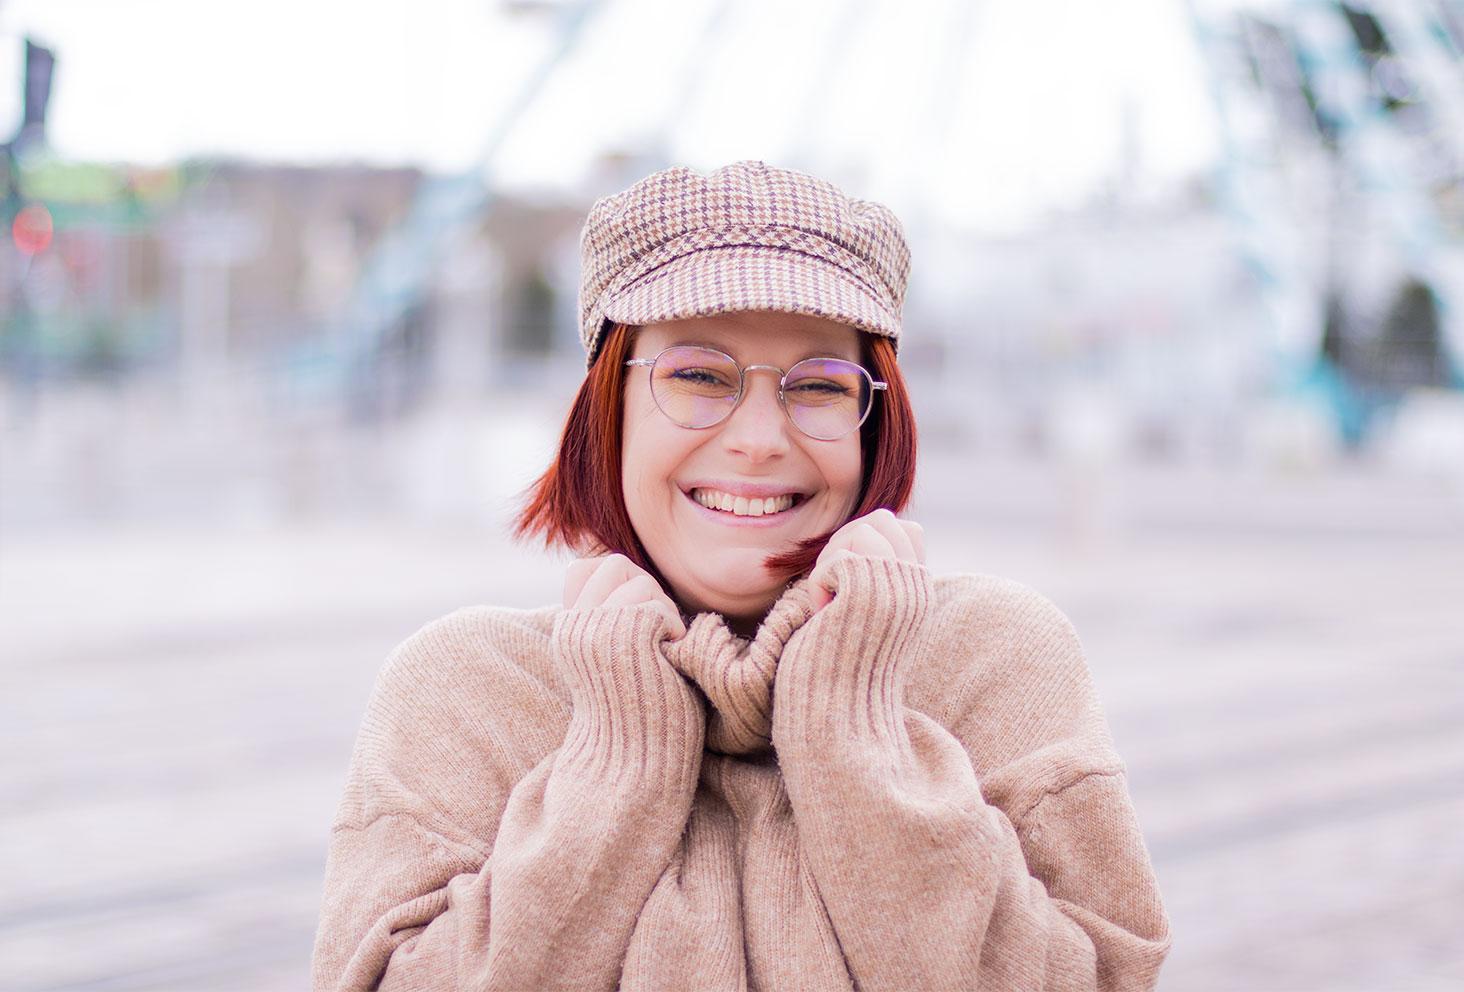 Une casquette de style marin à carreaux beiges et marrons portée, avec le sourire et un pull beige à col roulé